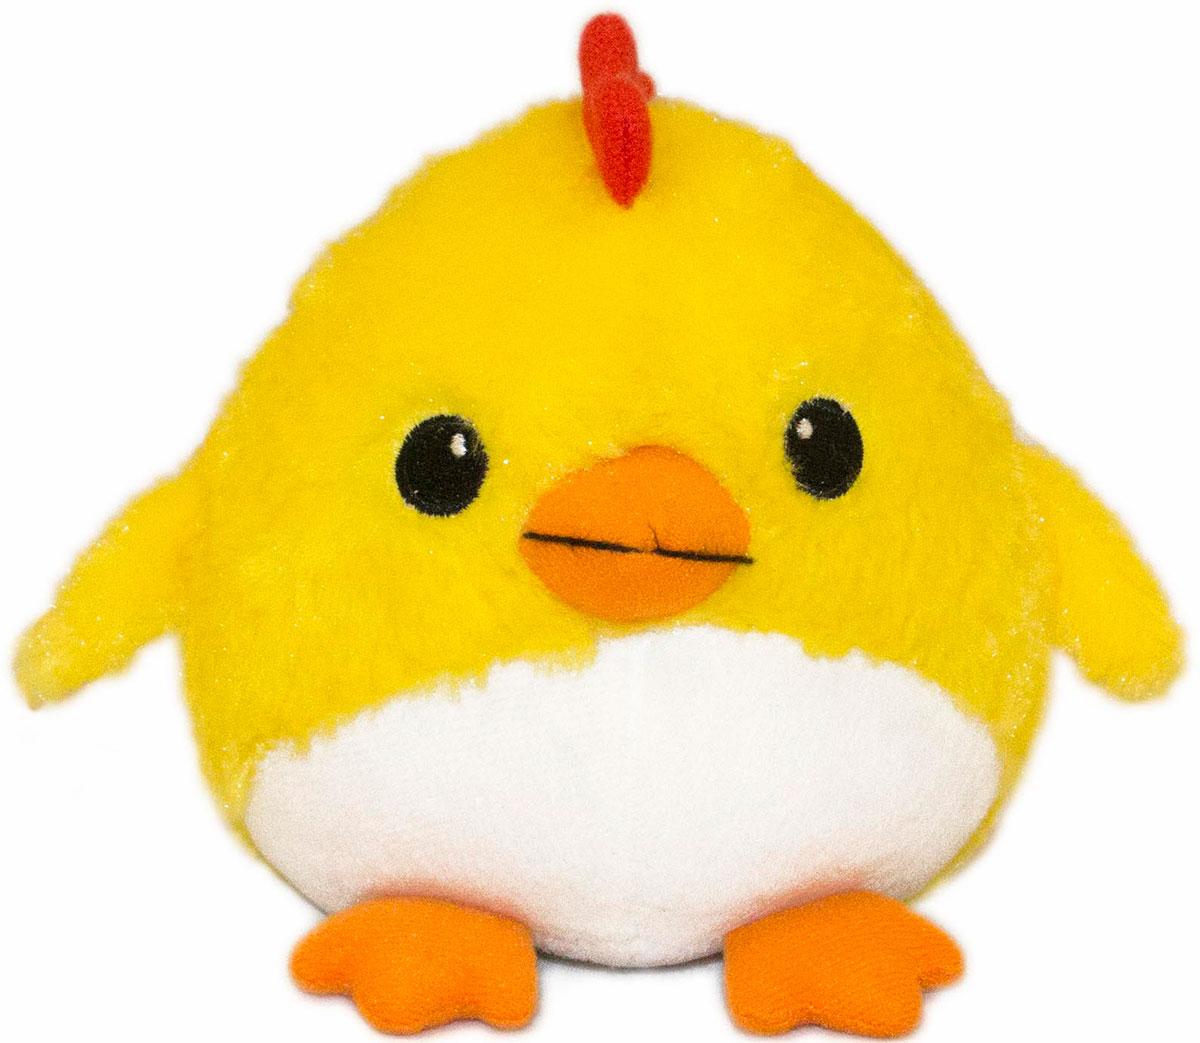 Gulliver Мягкая игрушка Цыпленок Солнышко 12 см 66-OT159347-1 gulliver мягкая игрушка цыпленок солнышко в штанишках цвет желтый черный серый 12 см